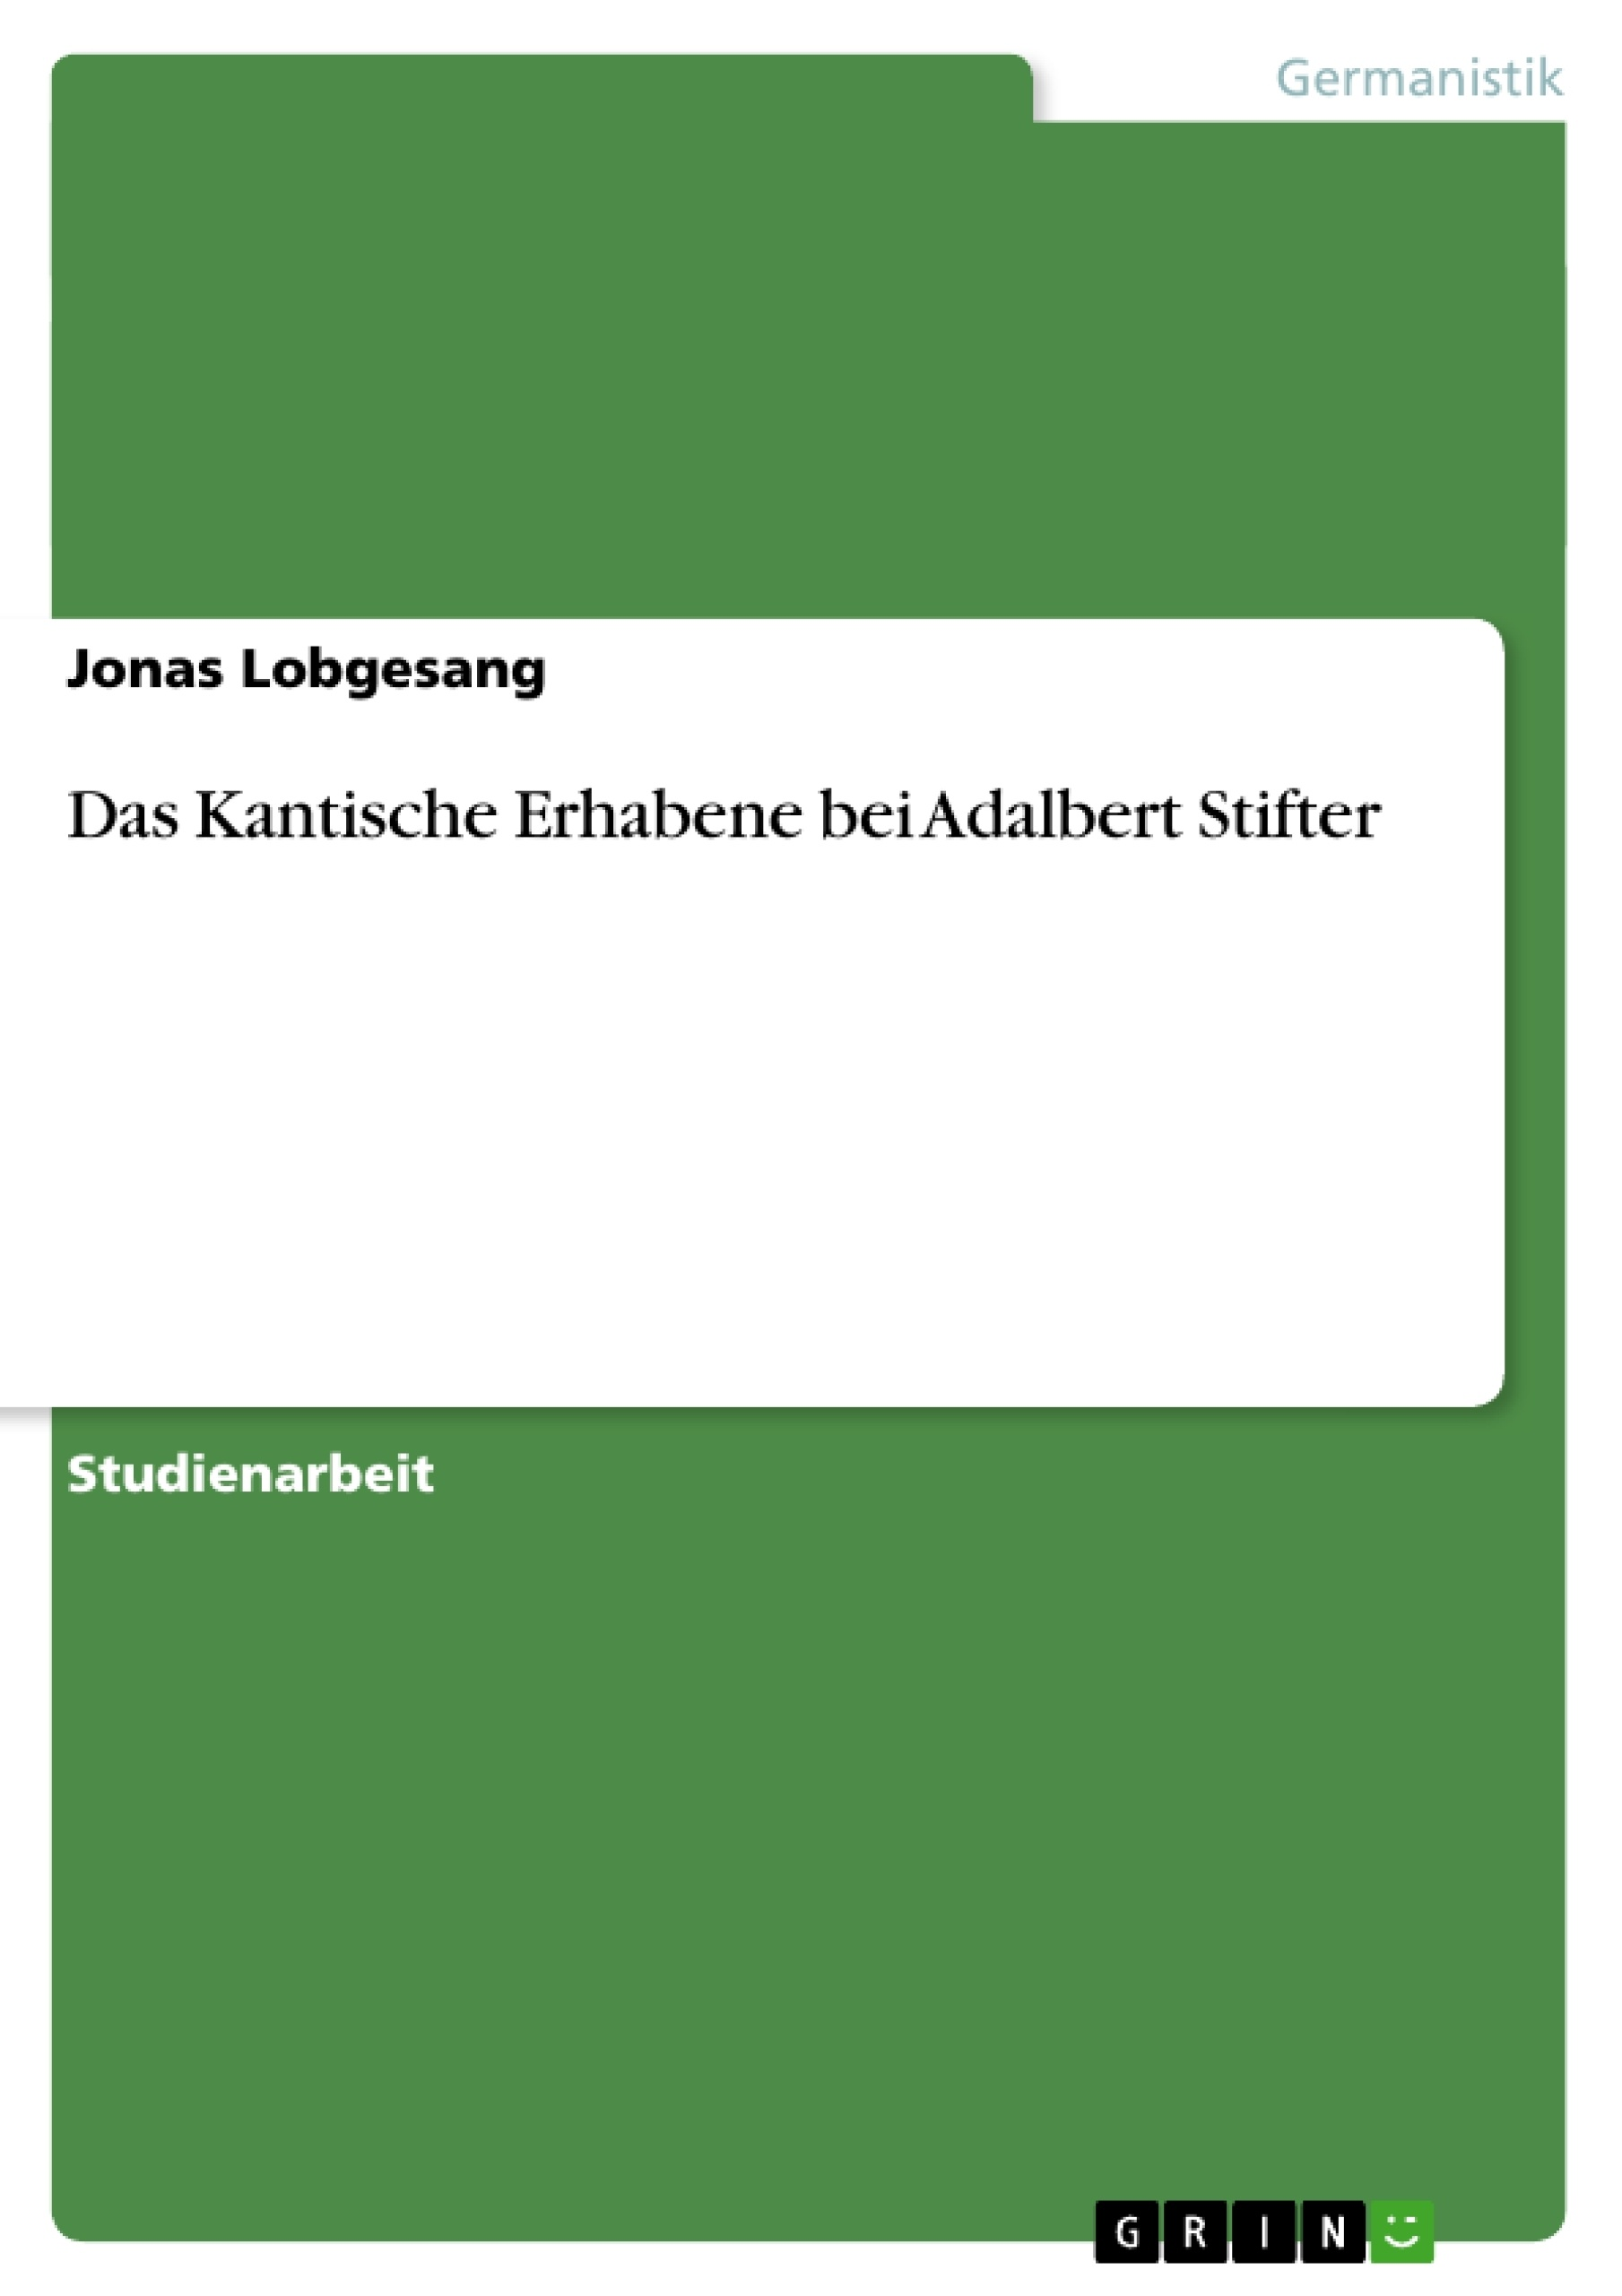 Titel: Das Kantische Erhabene bei Adalbert Stifter